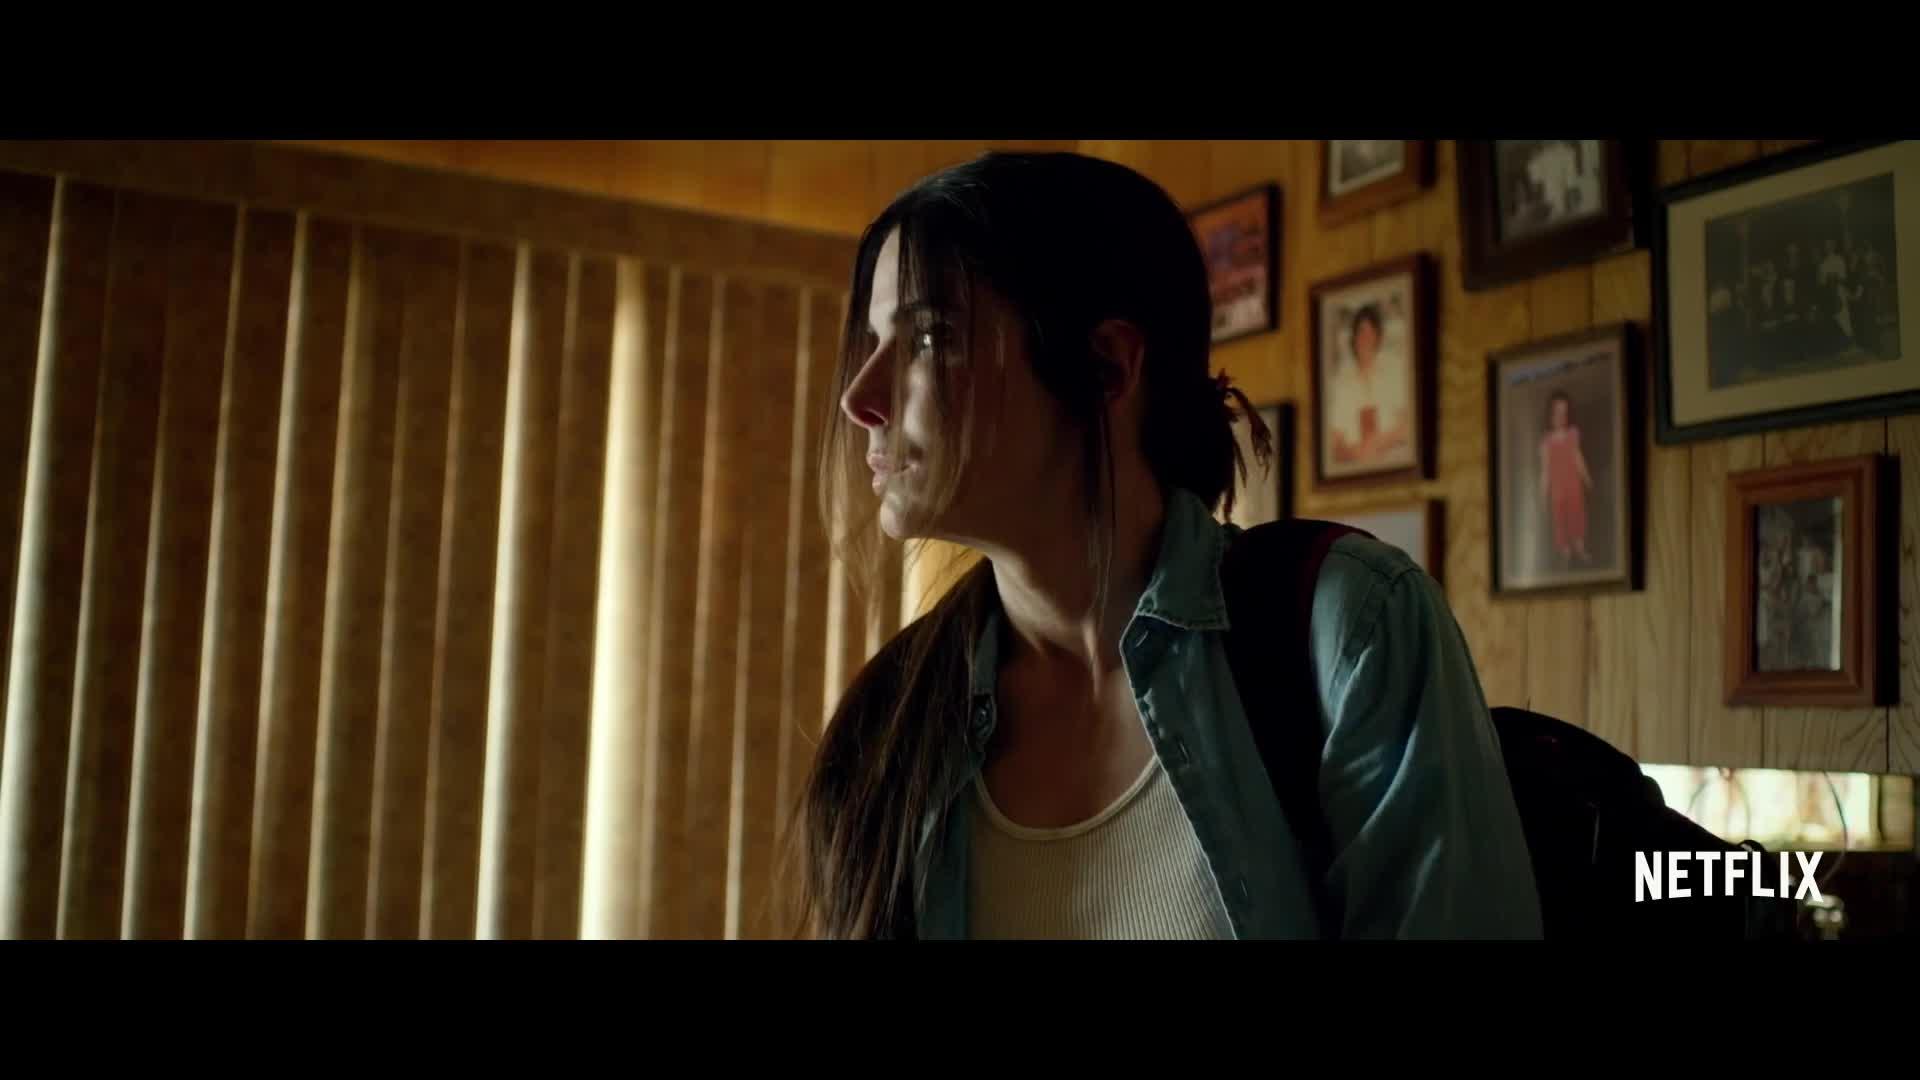 Bird Box - Official Trailer 2 - Netflix screen capture